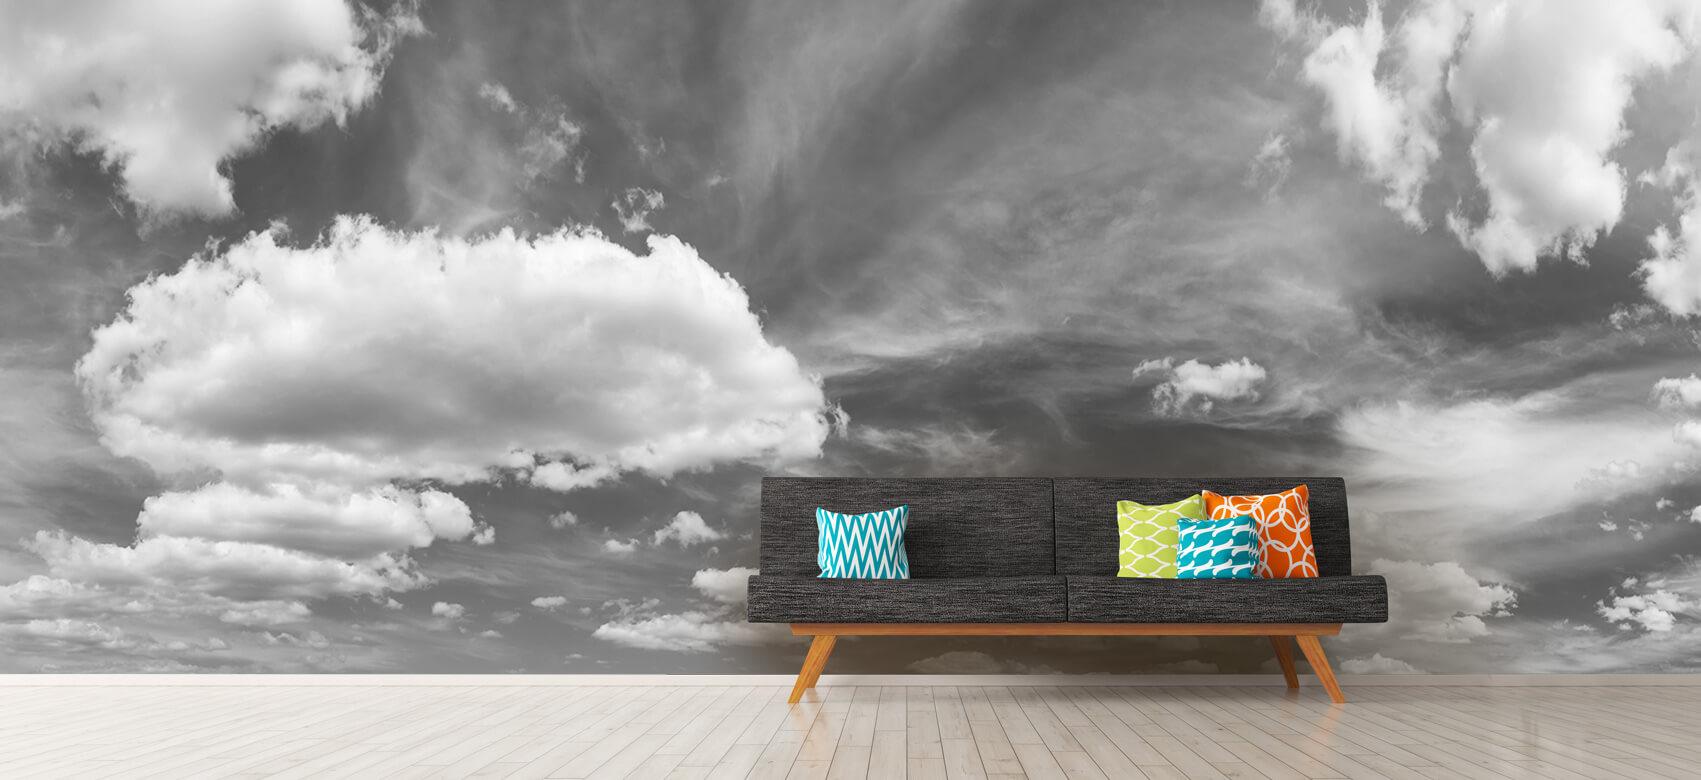 Natuur Blauwe lucht met wolken 13